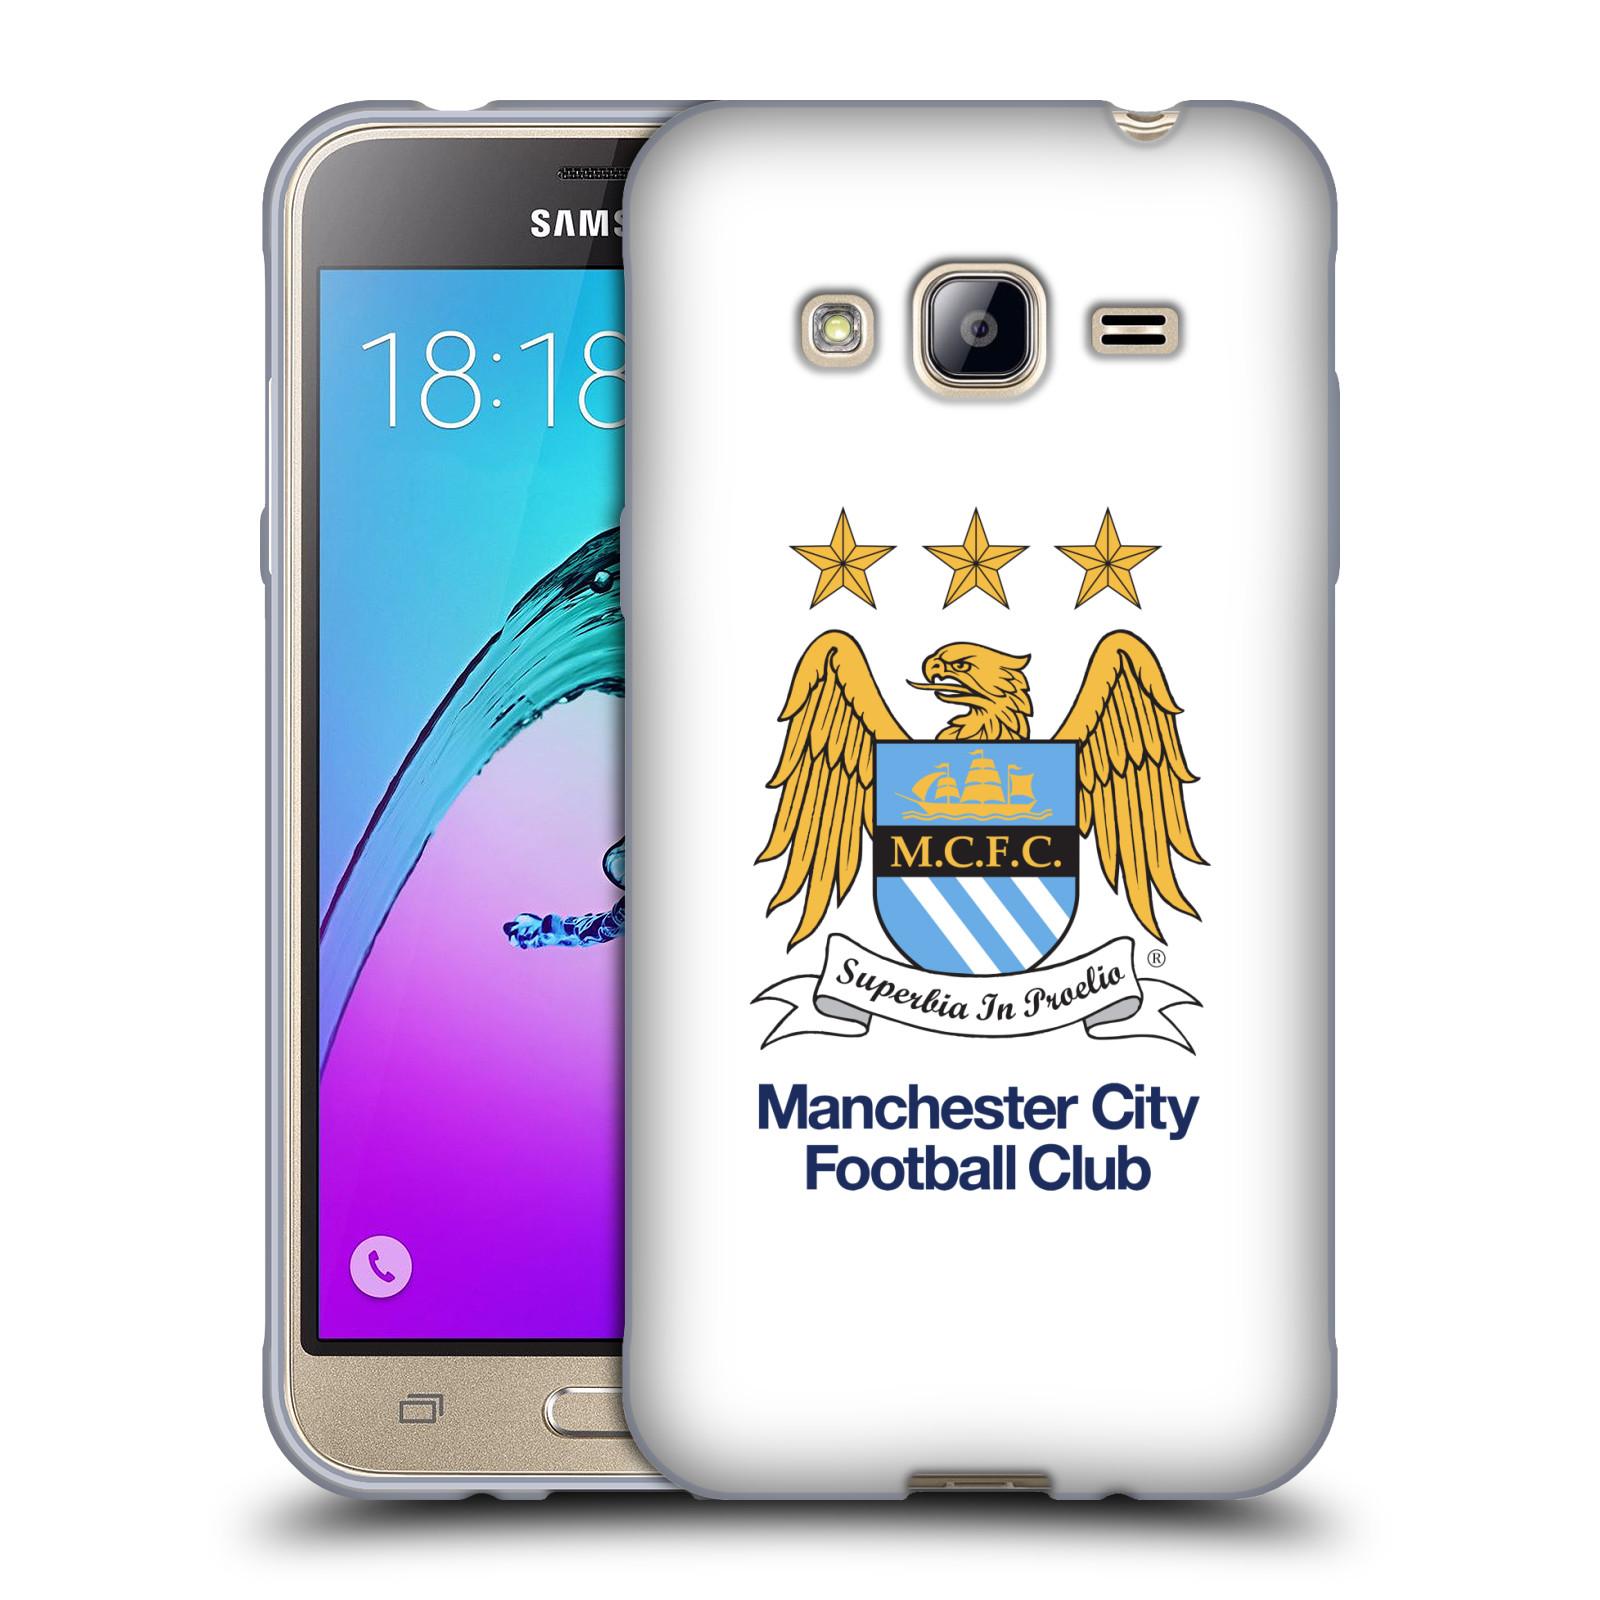 HEAD CASE silikonový obal na mobil Samsung Galaxy J3, J3 2016 Fotbalový klub Manchester City bílé pozadí velký znak pták